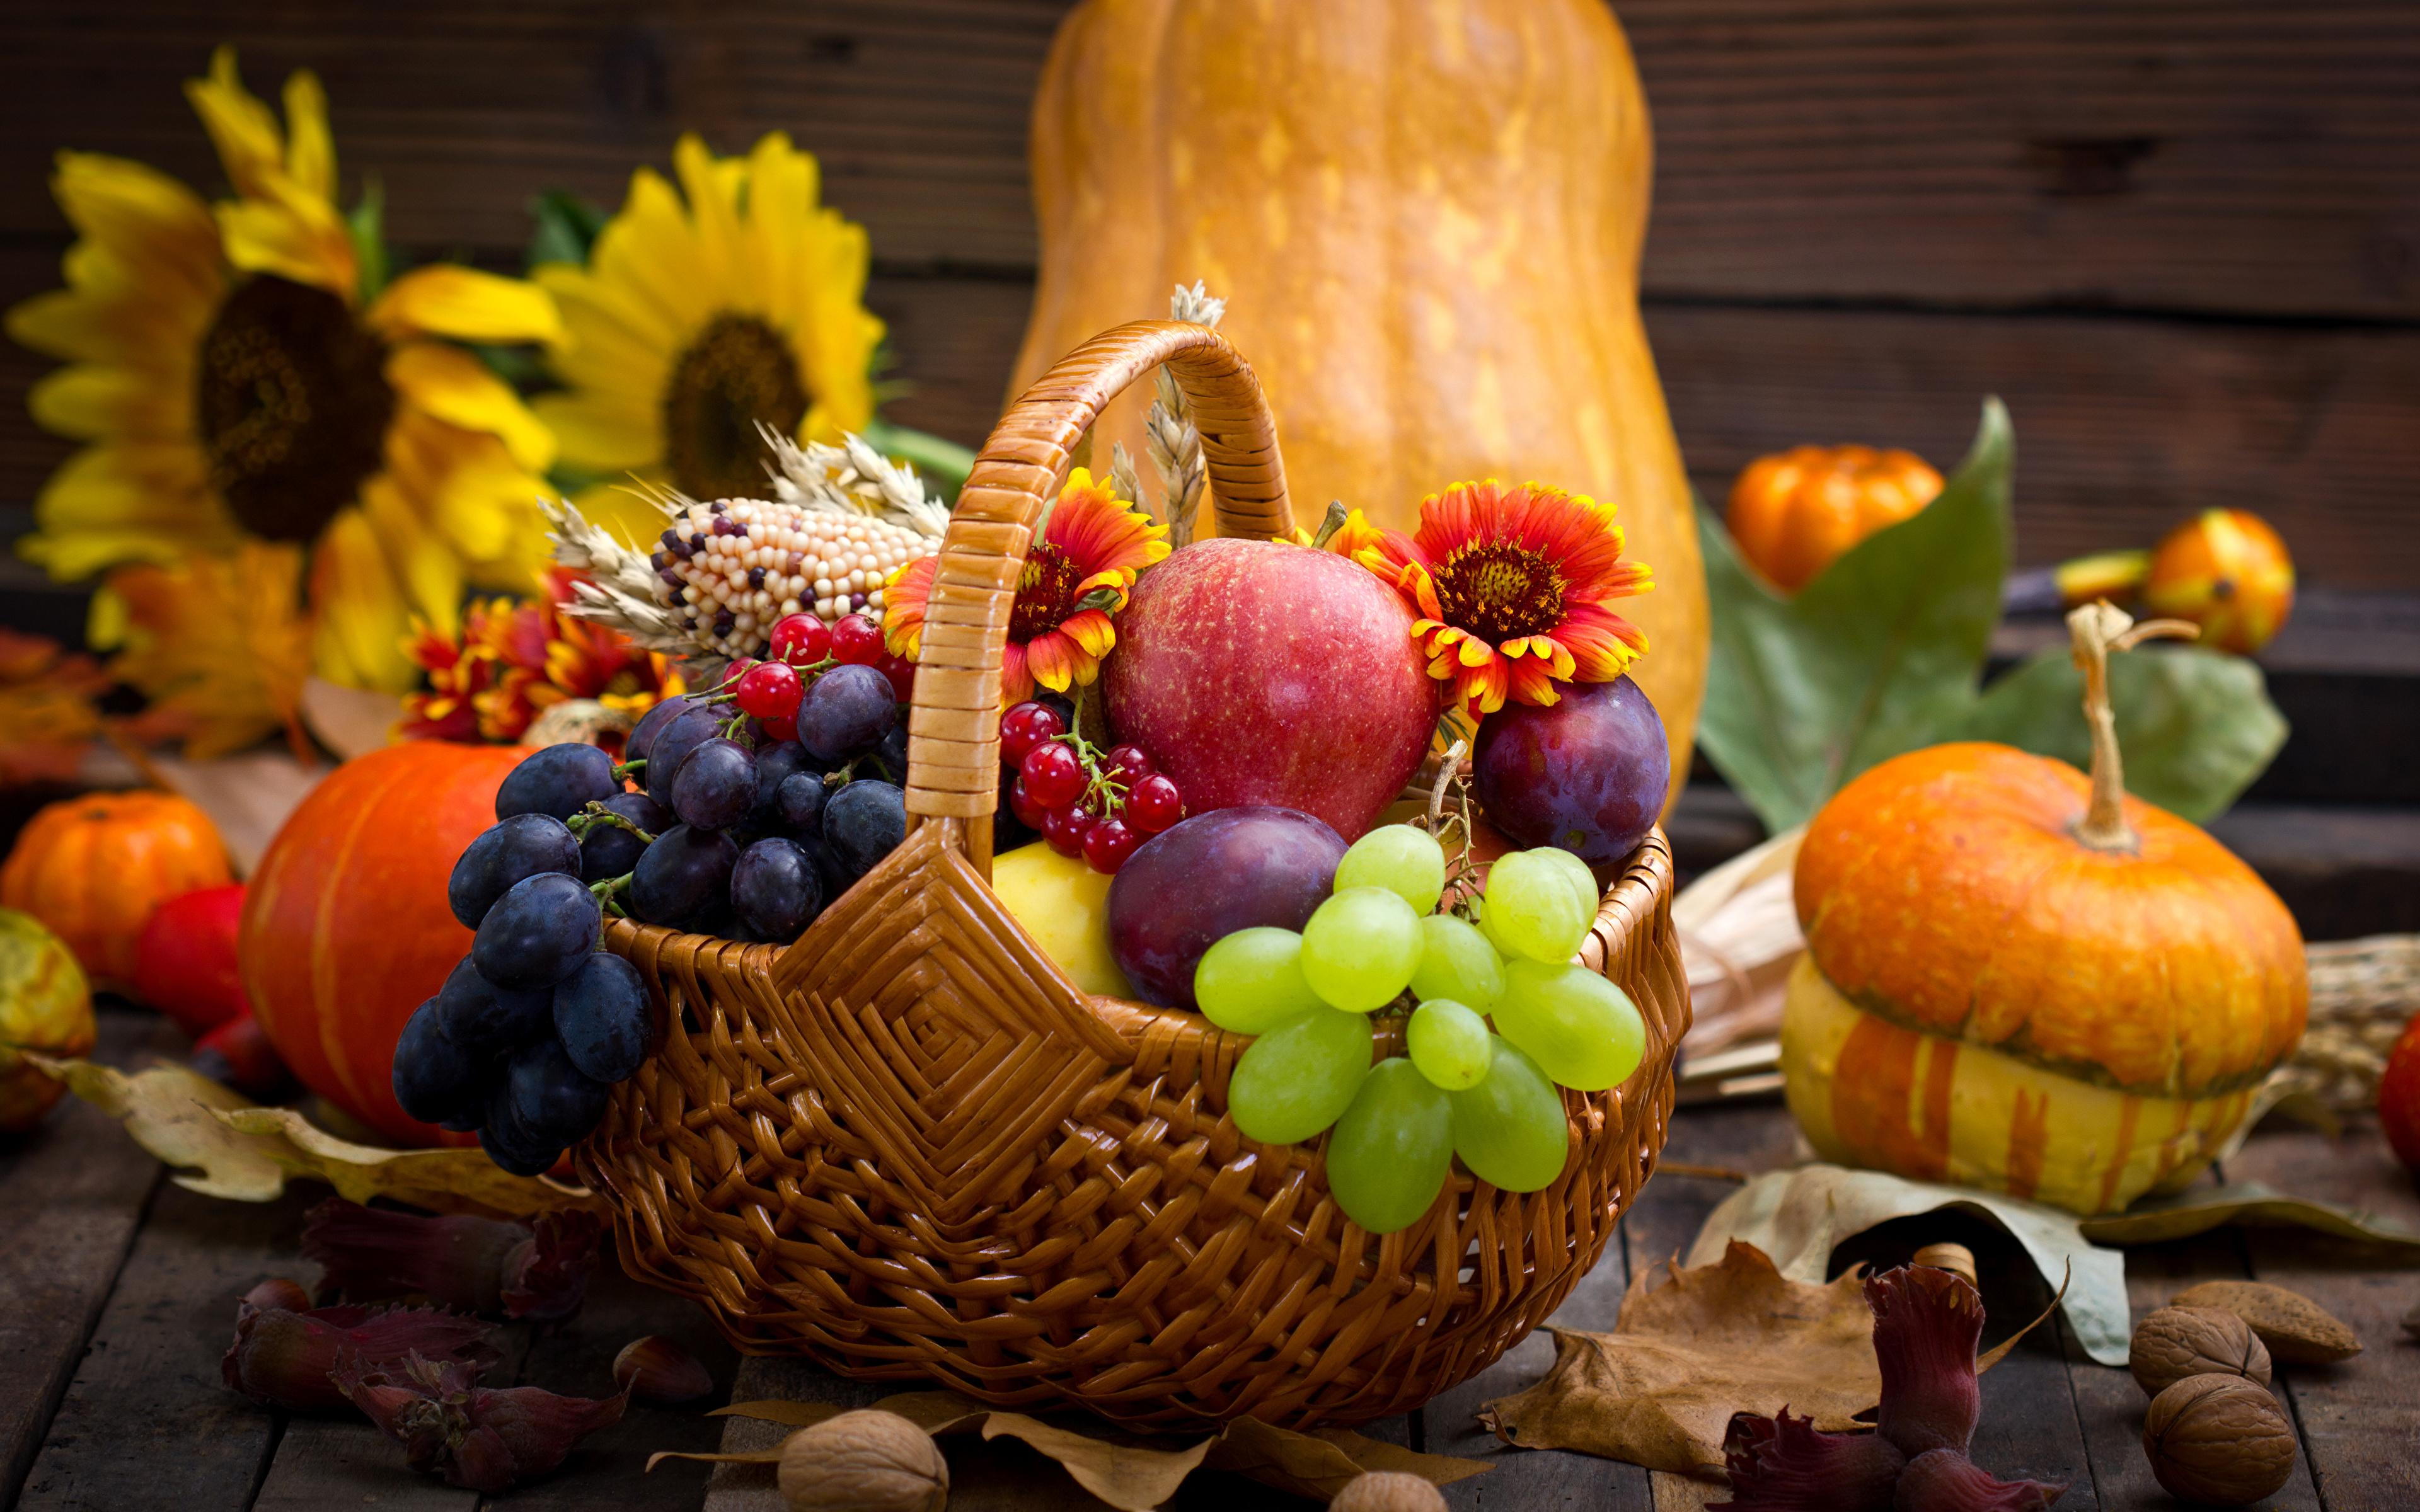 обои на рабочий стол овощи фрукты осень 15480